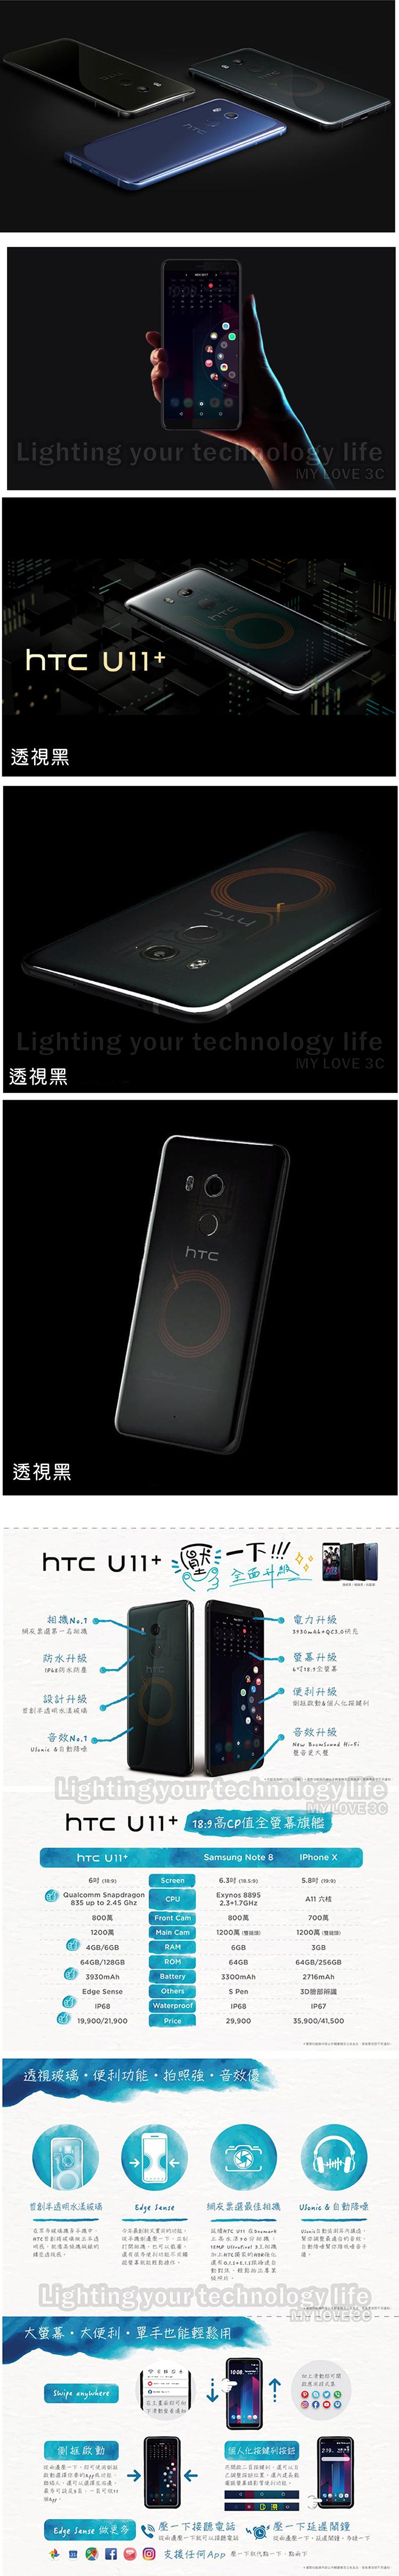 透視黑 + 介紹卡